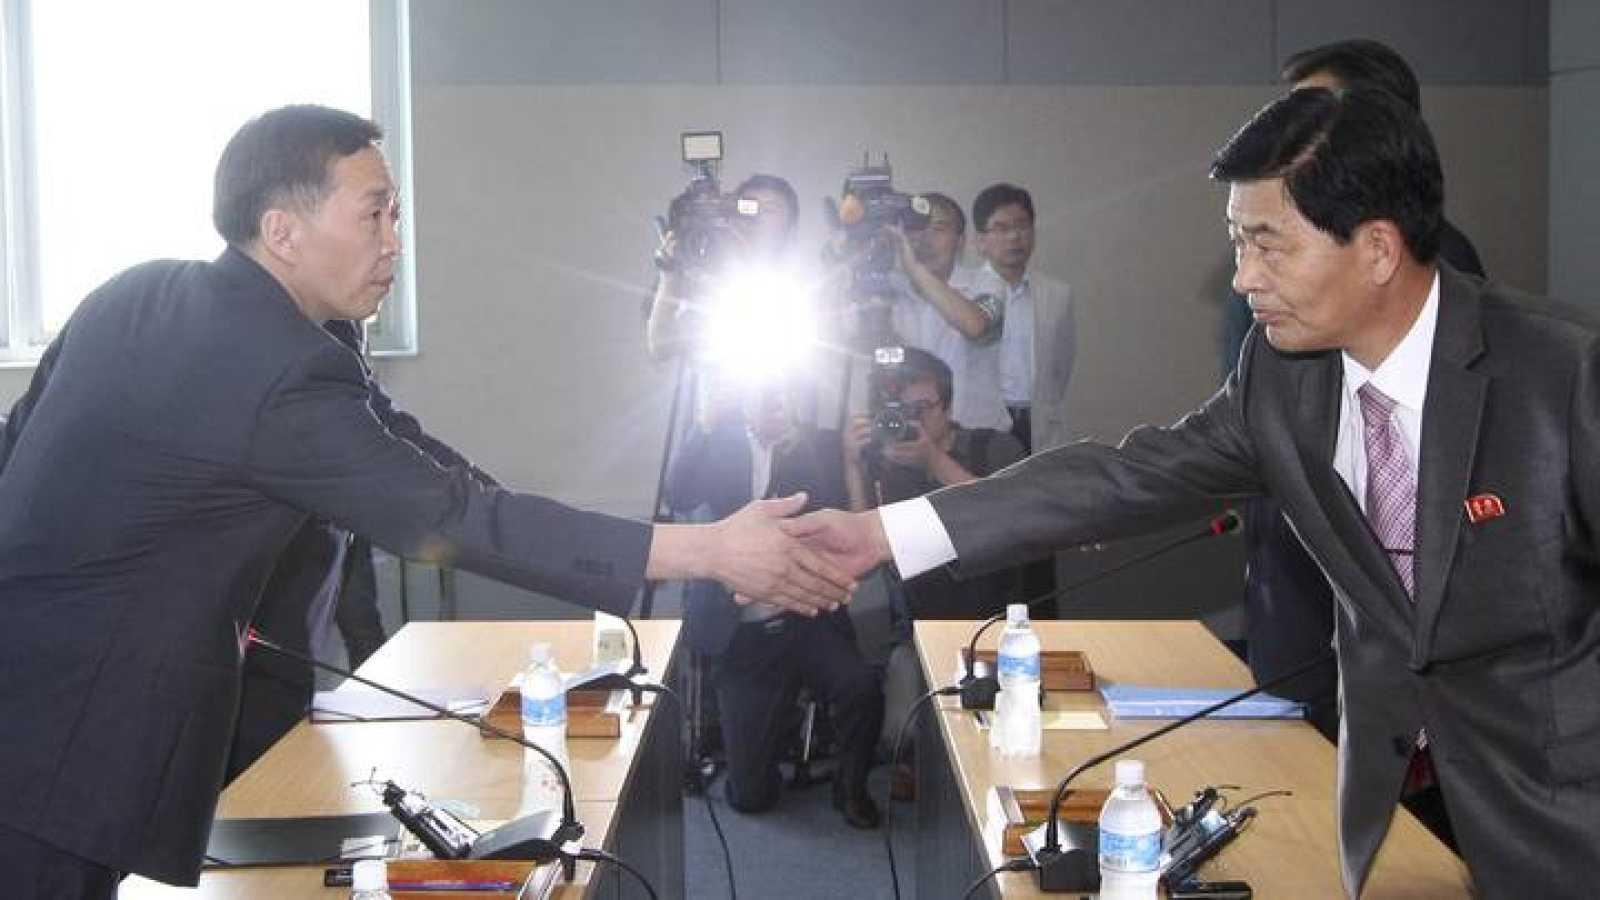 El representante de Corea del Sur, Kim Ki-woong, y el de Corea del Norte, Park Chol-su, cierran con un apretón de manos el acuerdo para reabrir Kaesong.